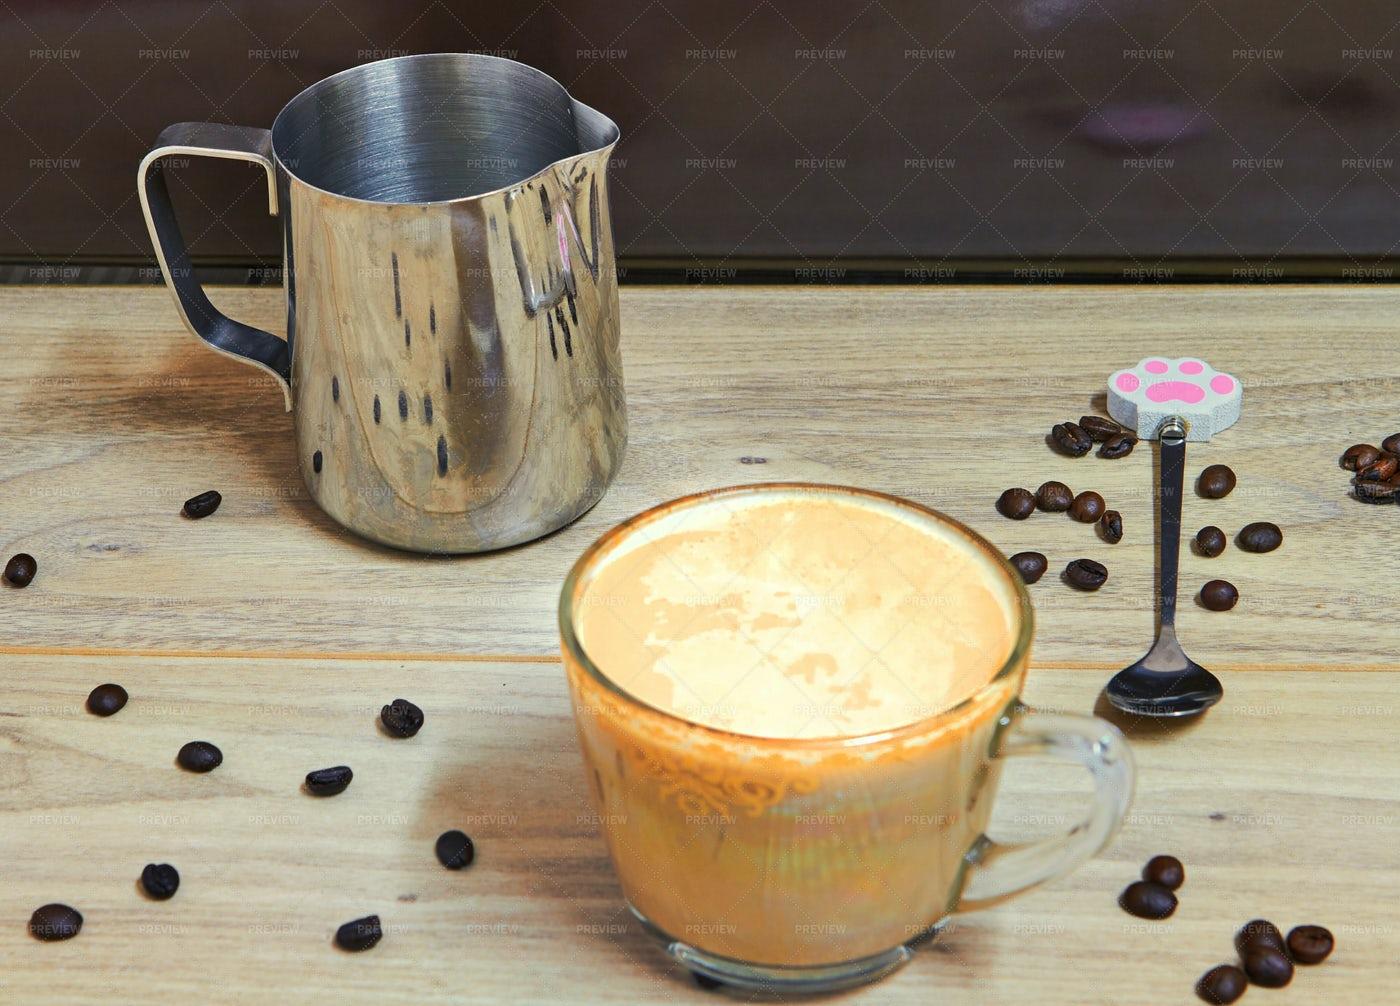 Cappuccino And Metal Jar: Stock Photos